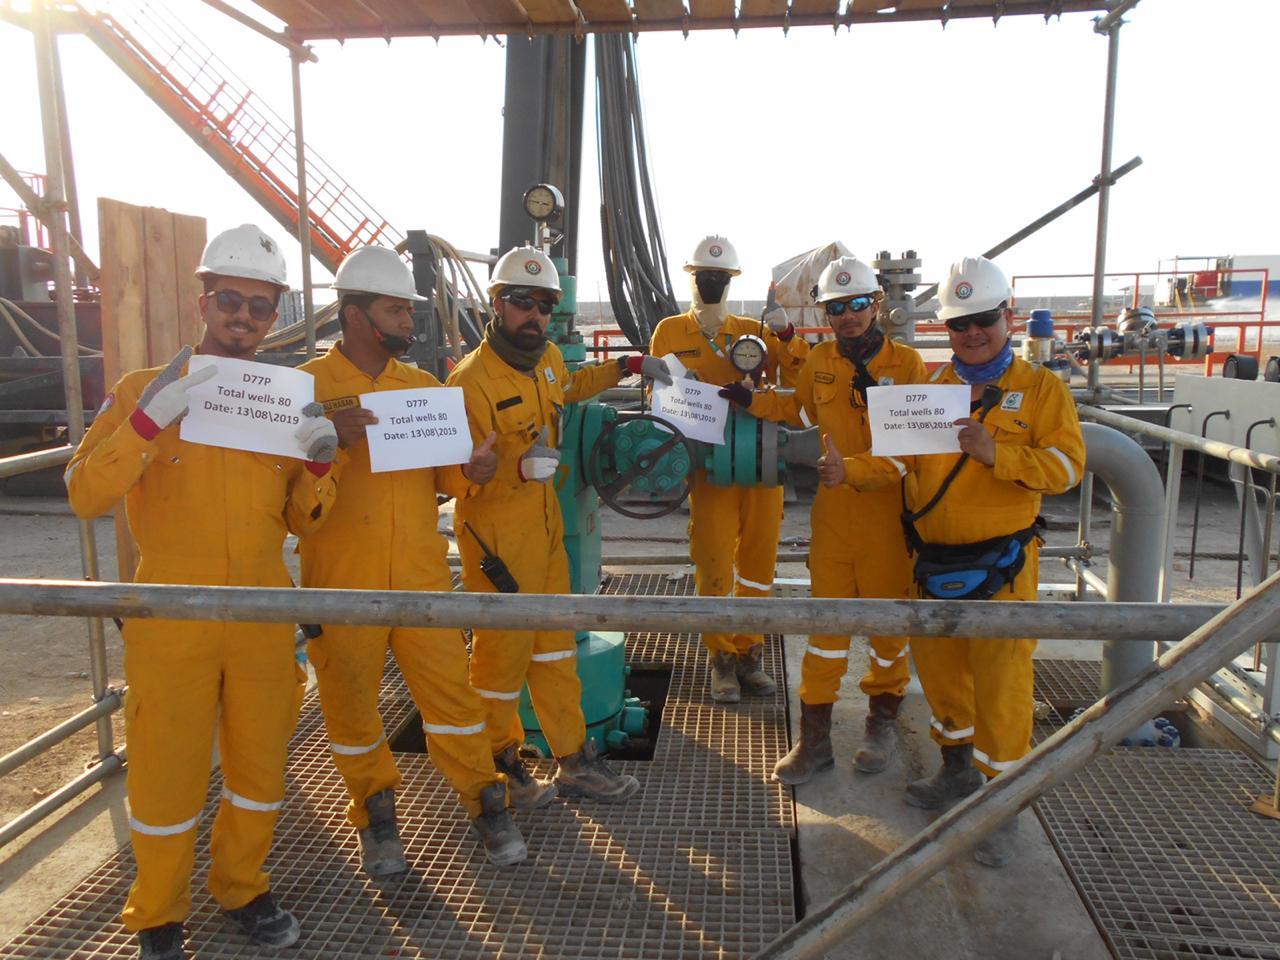 شركة ماليزية تحقق انتاجا بمعدل 100 الف ب/ي من النفط في حقل جنوب العراق